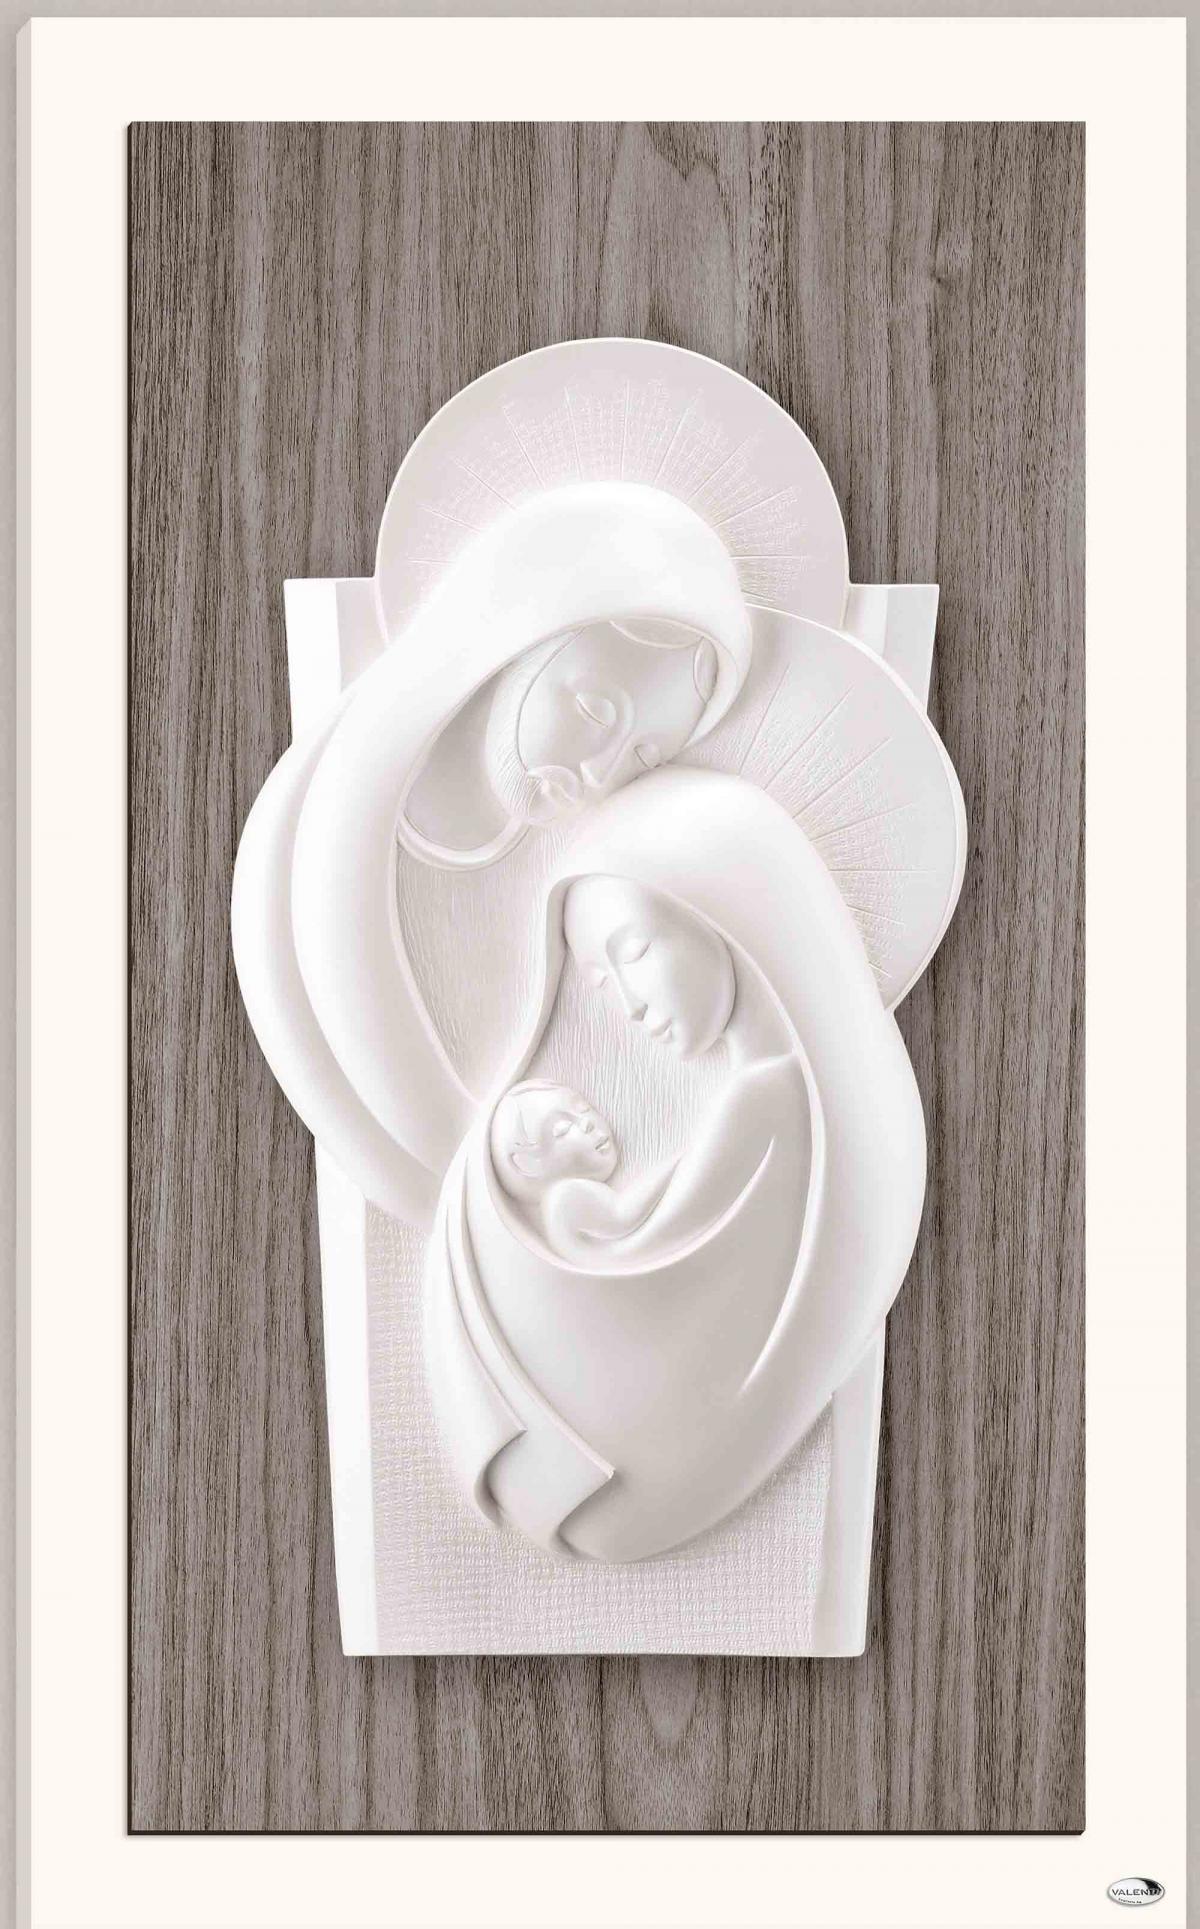 Ікона керамічна Свята Родина 13х19см L250 1